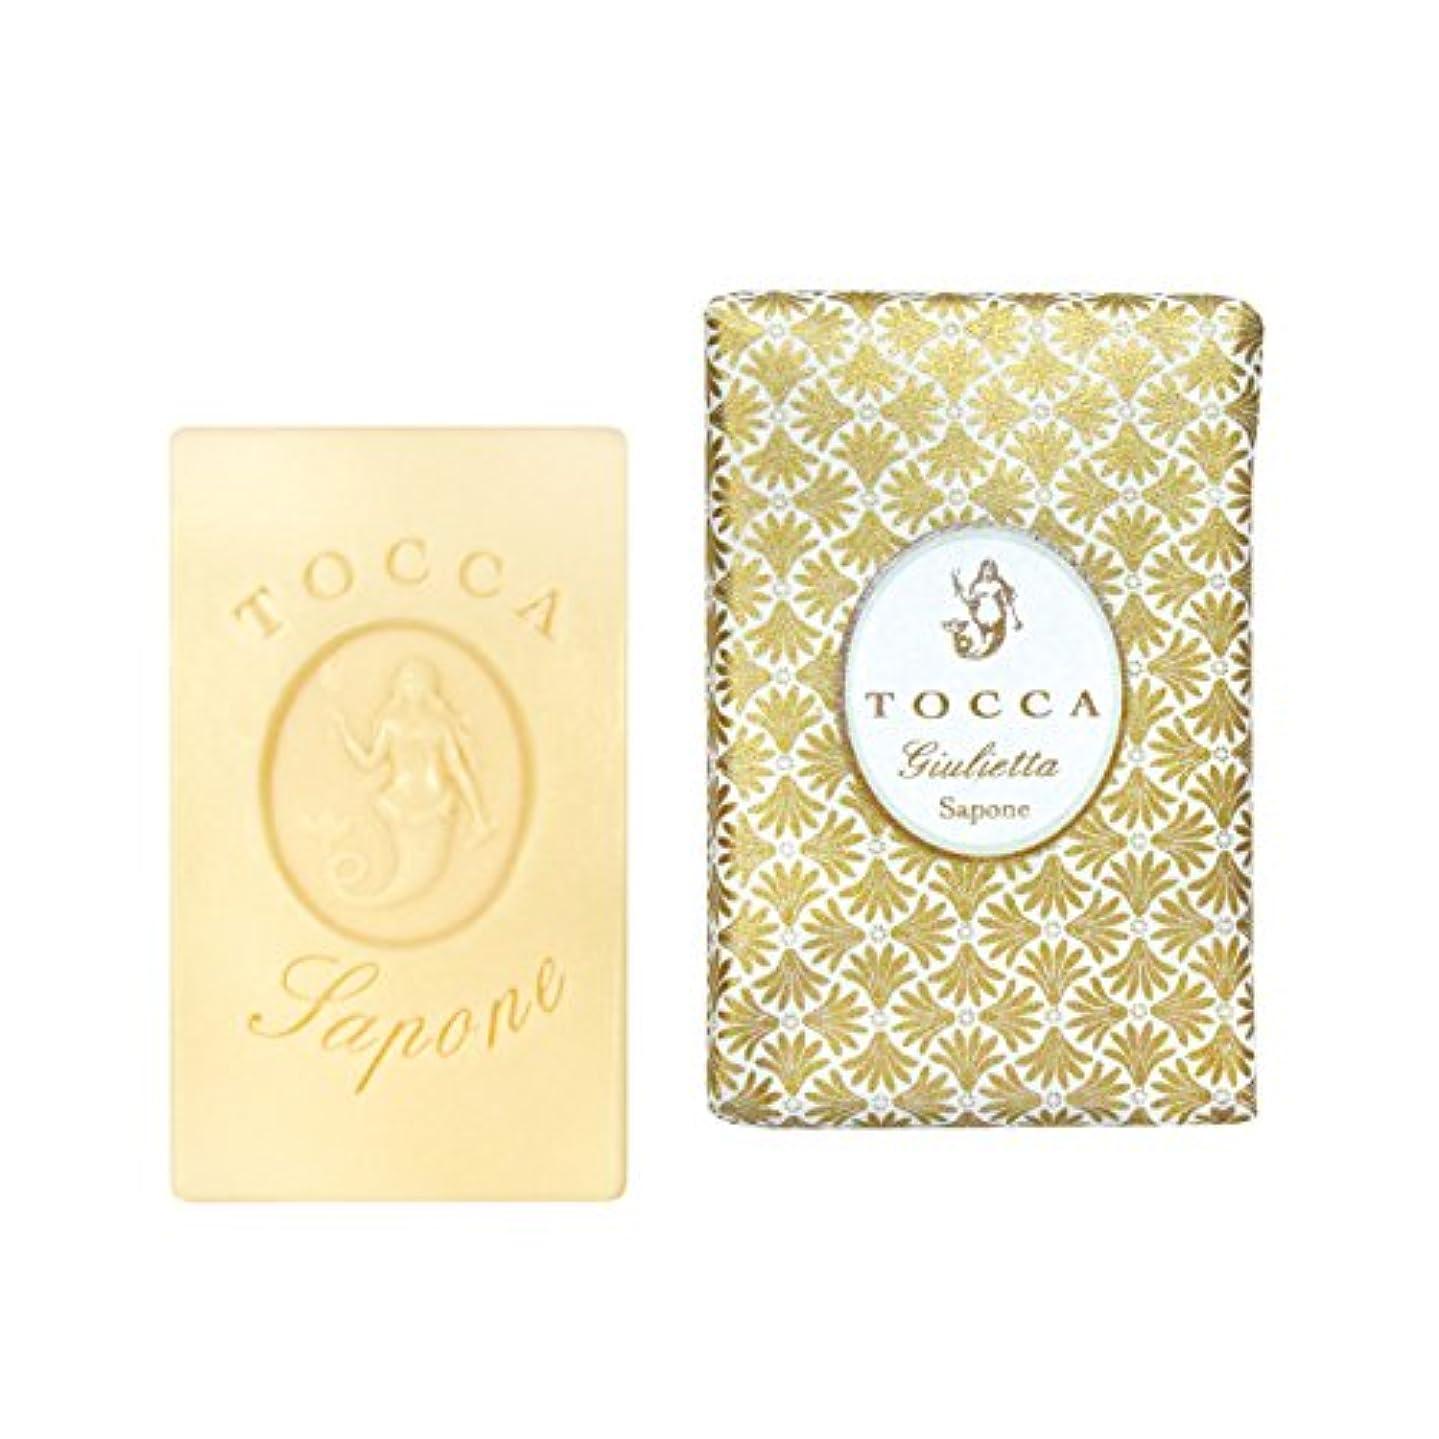 版メディア少数トッカ(TOCCA) ソープバー ジュリエッタの香り 113g(化粧石けん ピンクチューリップとグリーンアップルの爽やかで甘い香り)